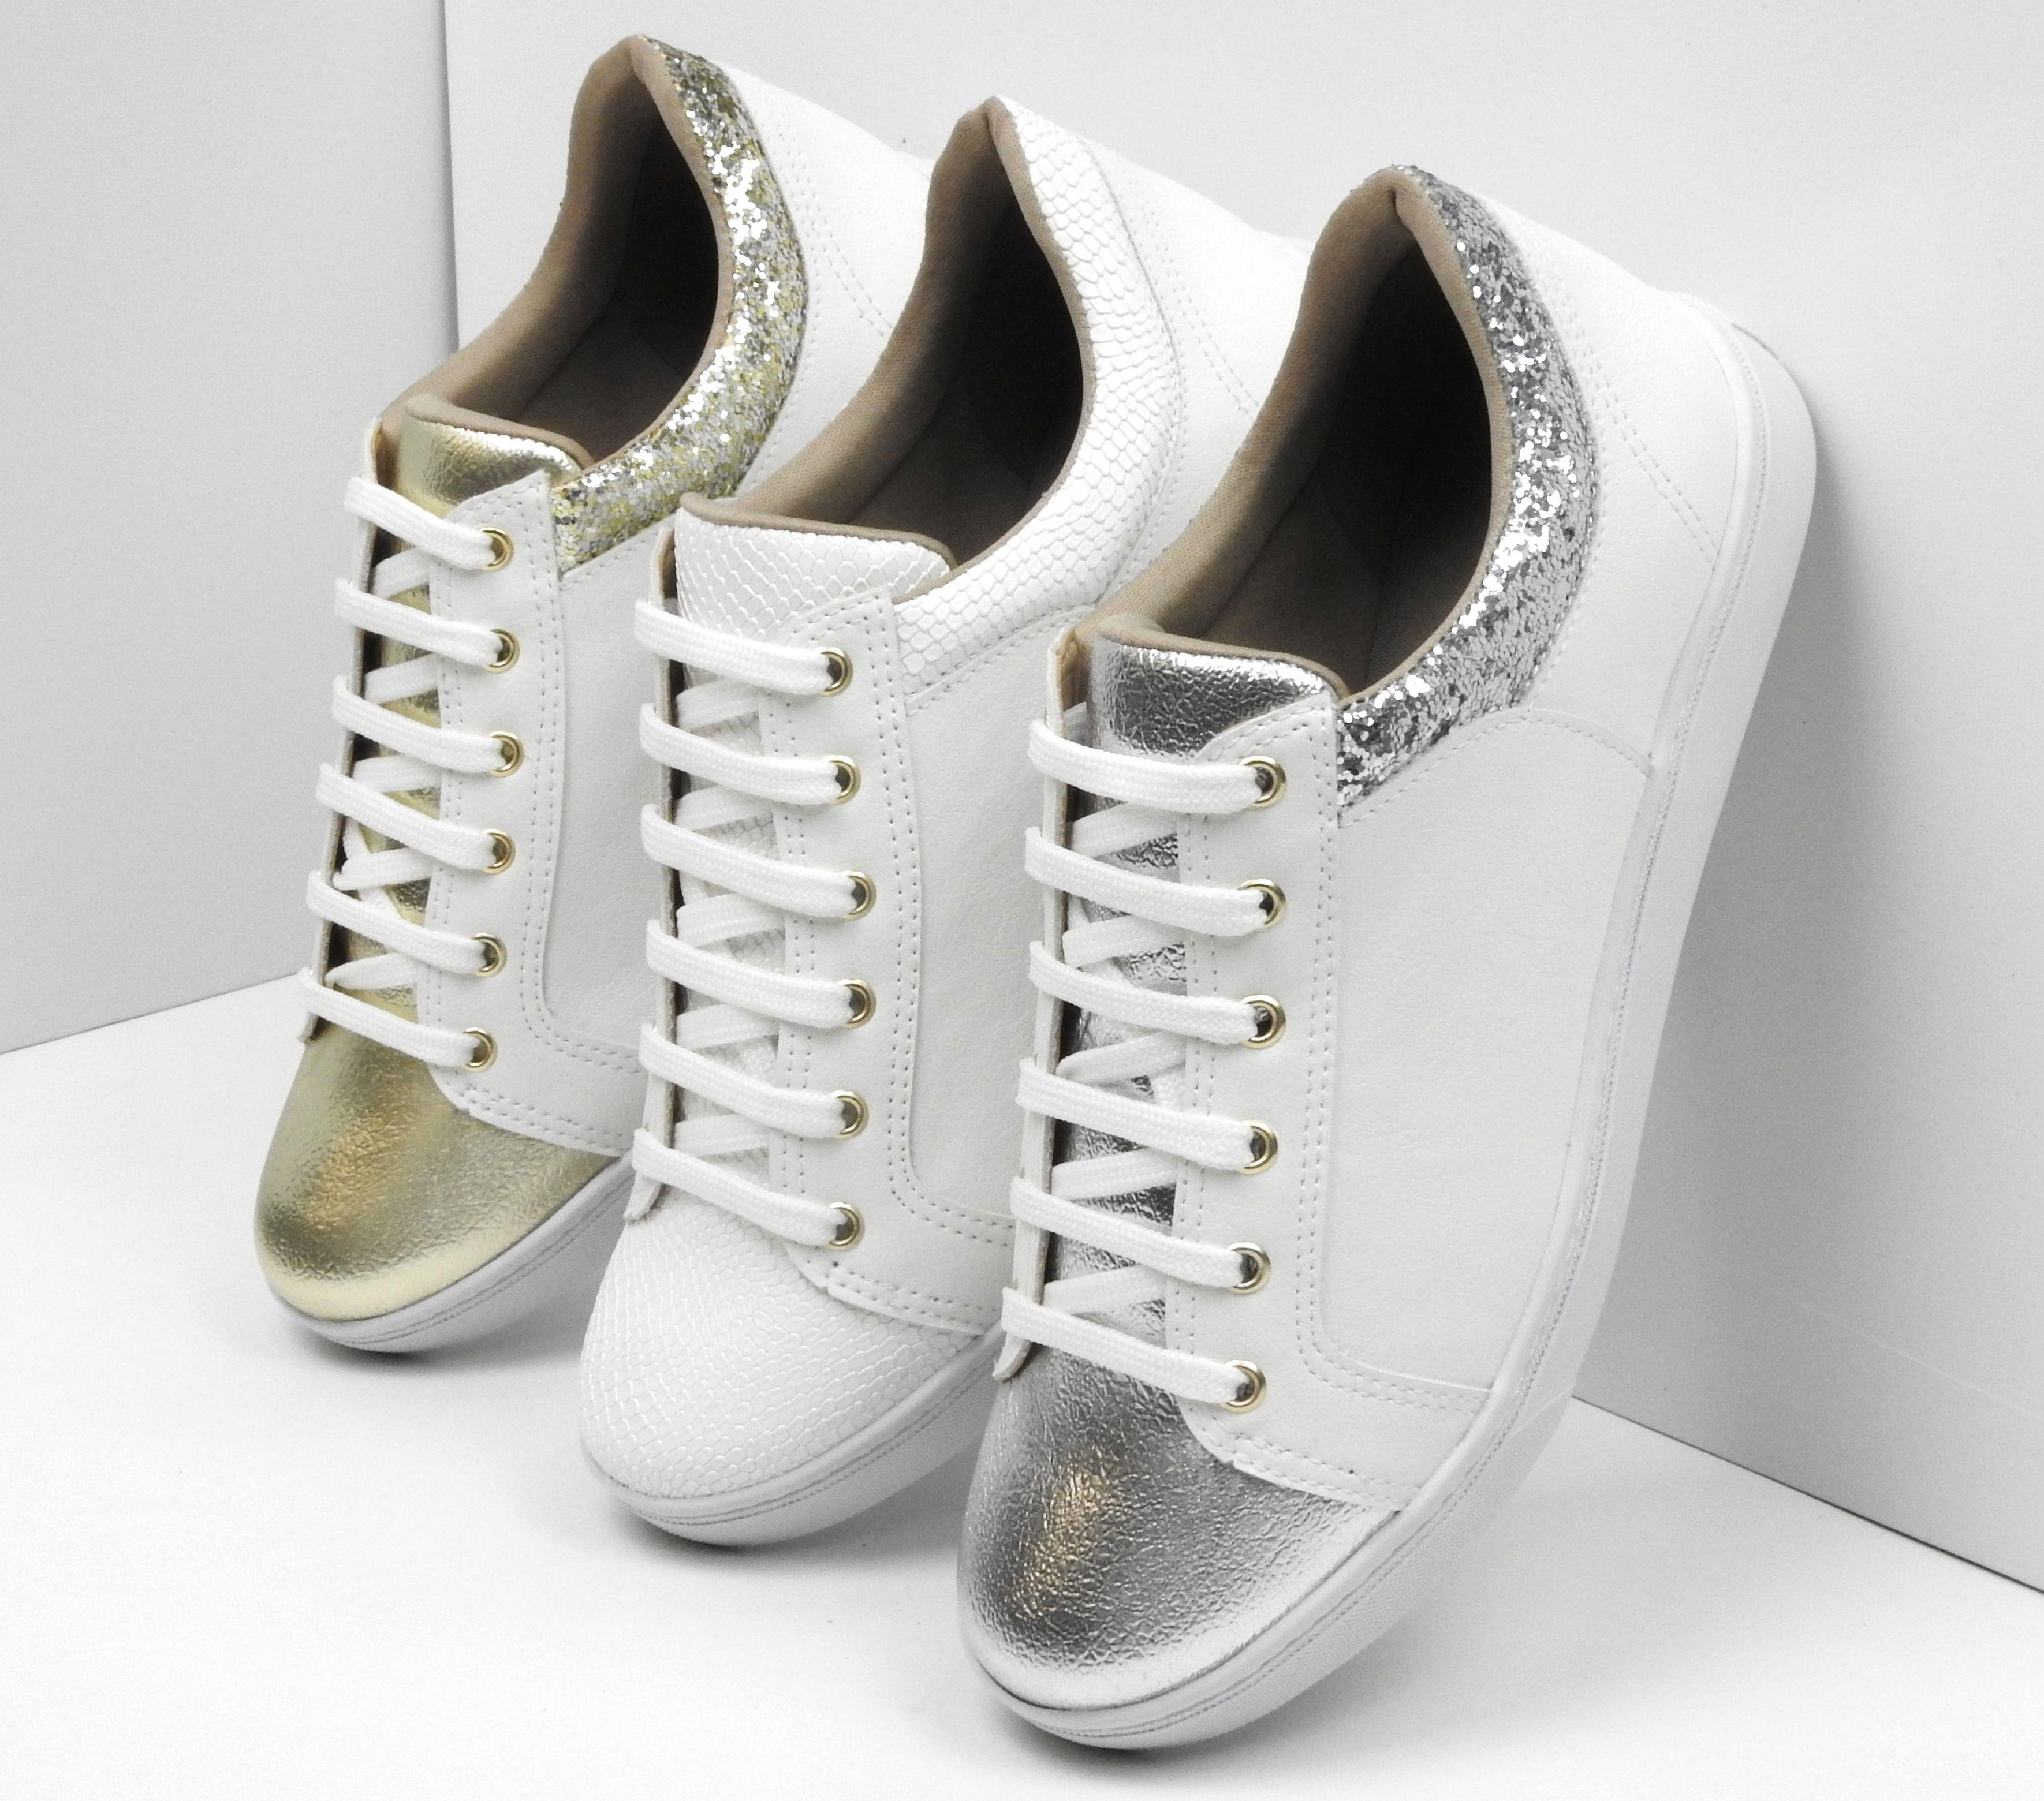 b32de2eb8 tênis - tendência - trend - sneaker - new in Ref. 16-12406